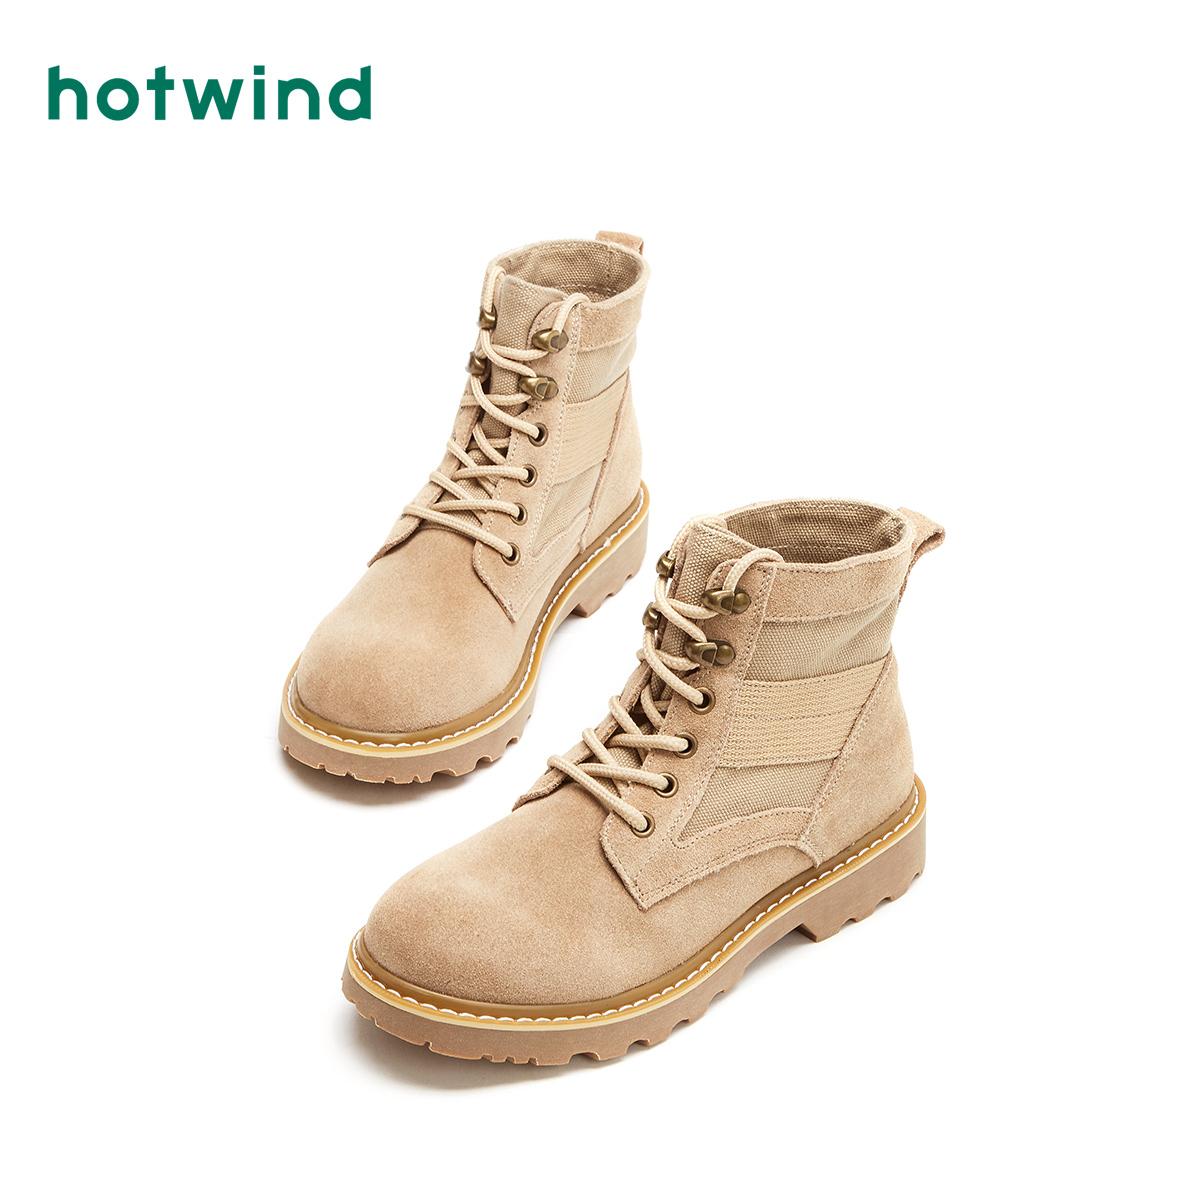 热风2018年冬季新款时尚女士系带工装靴休闲马丁靴H95W8410